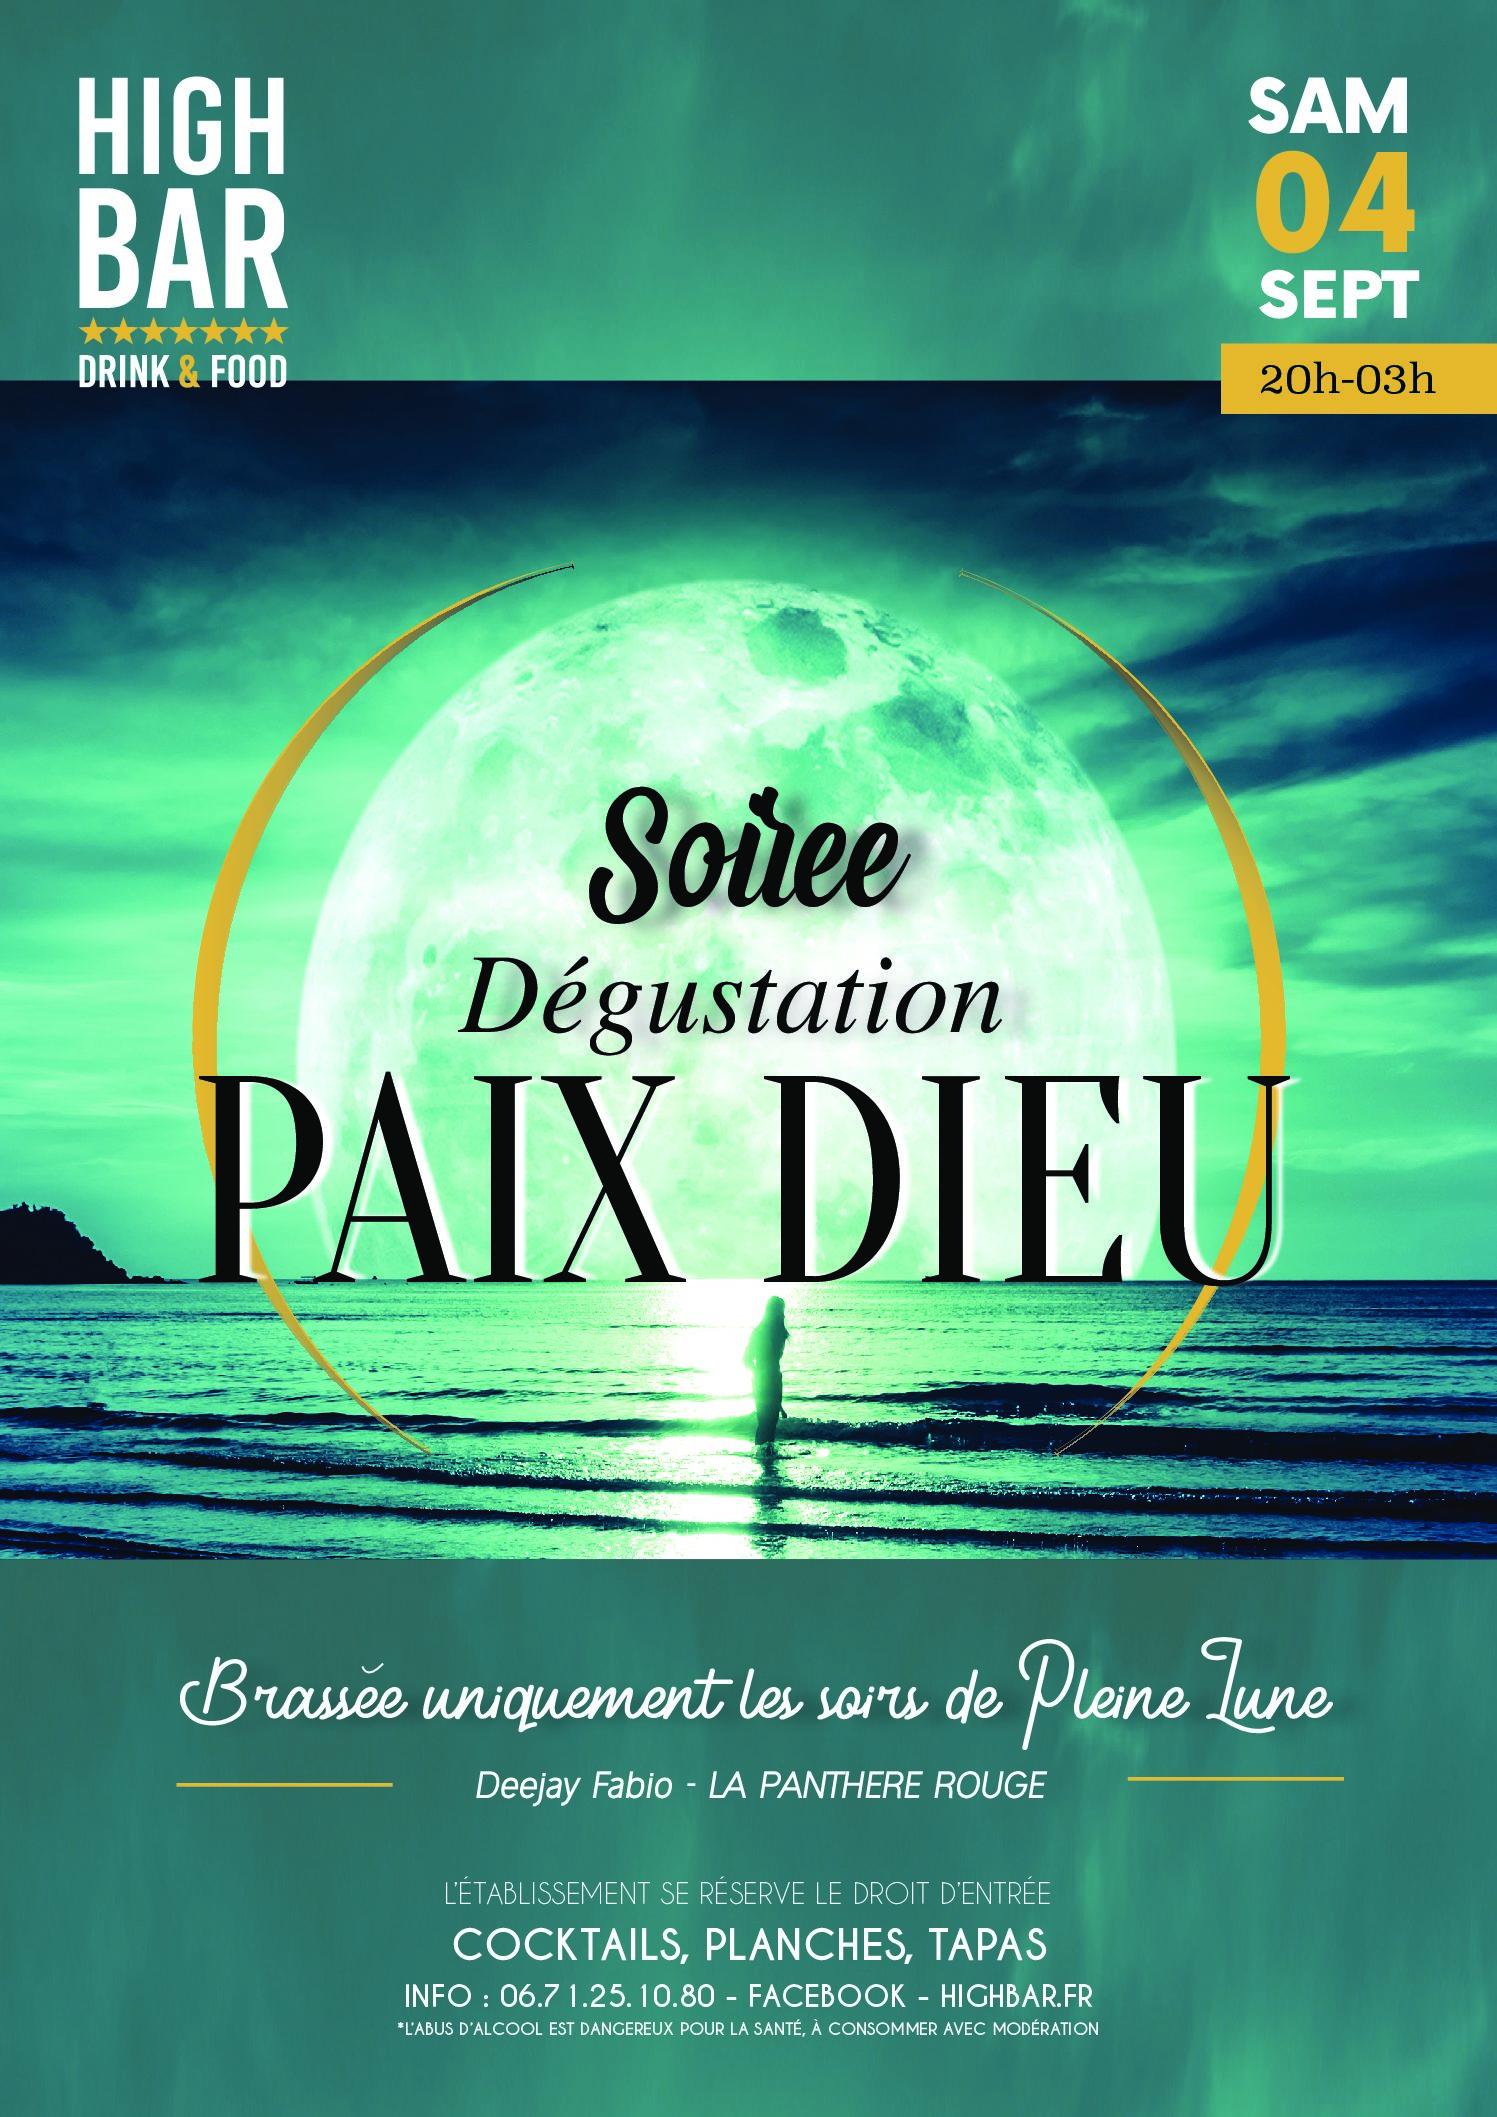 ///SOIRÉE PAIX DIEU au HIGH BAR ///